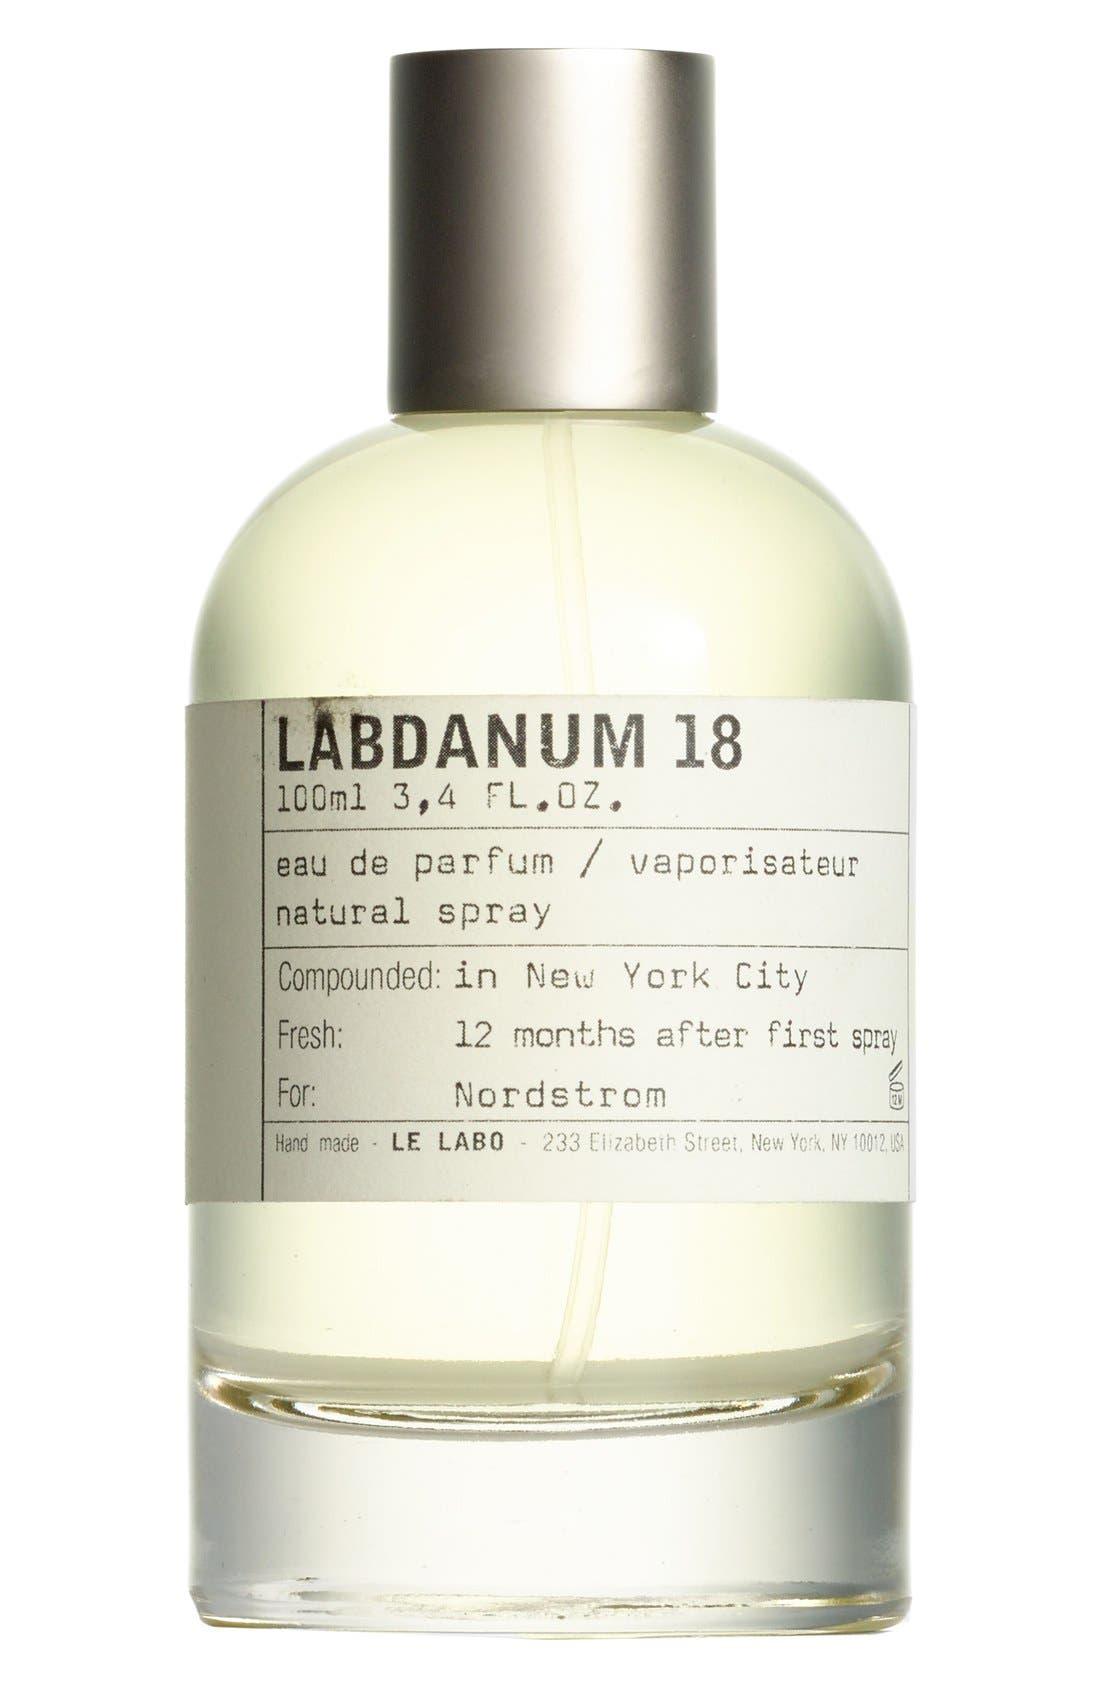 Le Labo 'Labdanum 18' Eau de Parfum